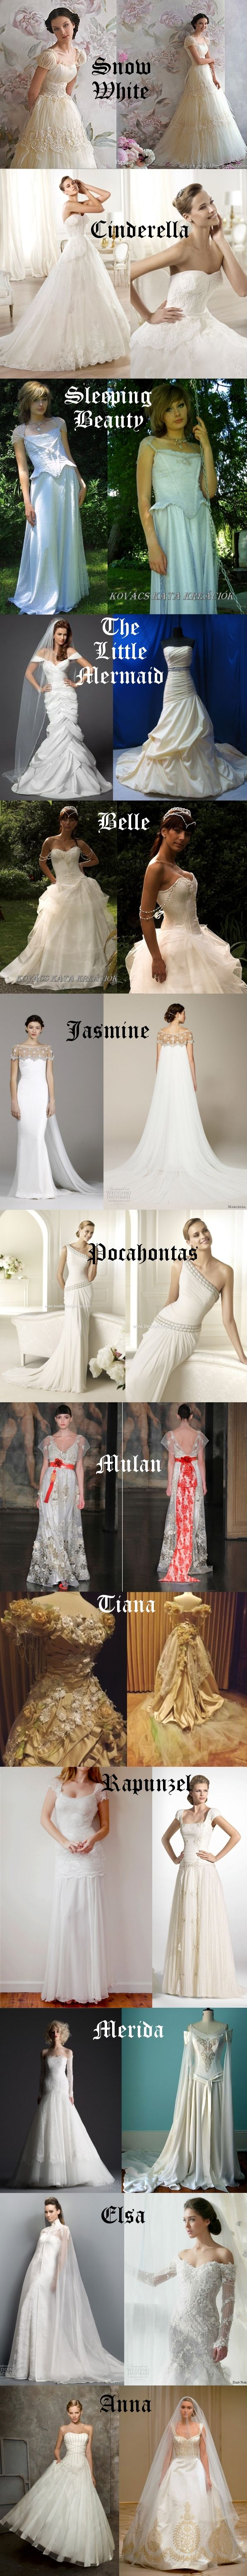 Disney princess wedding dress ideas. Realistic & wearable Disney princess wedding dresses inspiration for all the princesses.